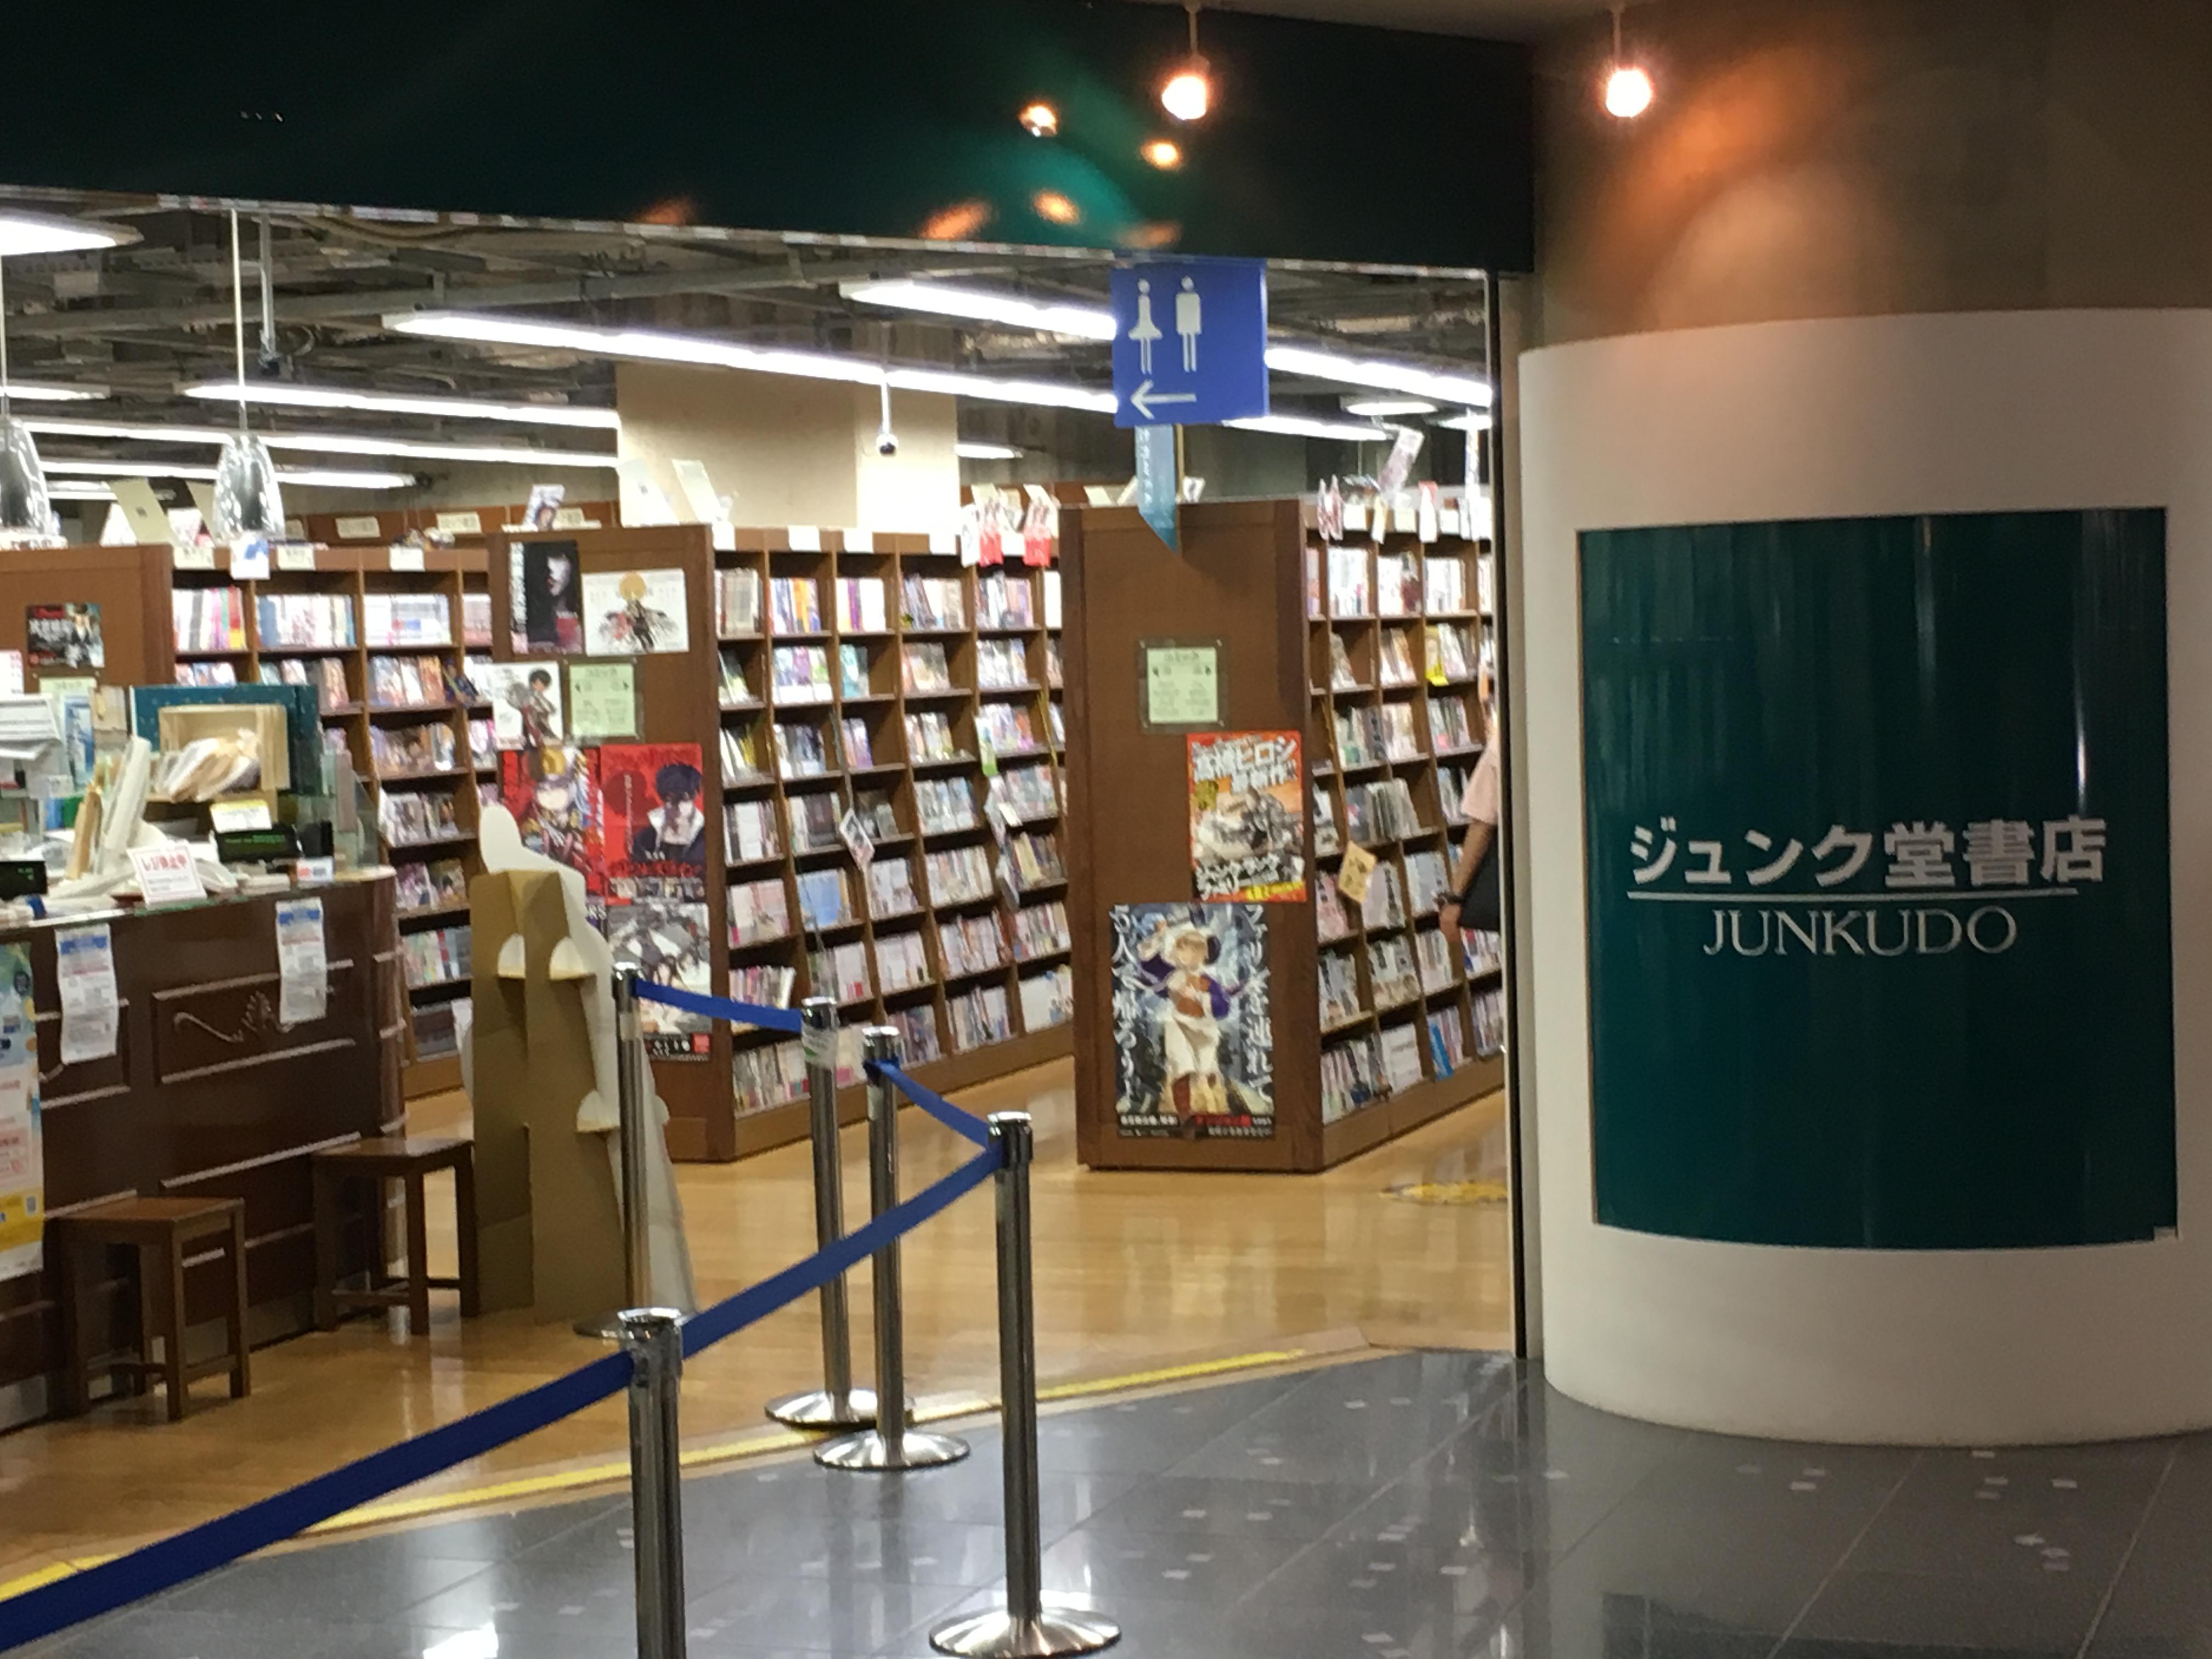 圧倒的な取り扱い冊数!読みたい本が必ず見つかる名古屋駅・栄周辺の大型本屋まとめ - IMG 0460